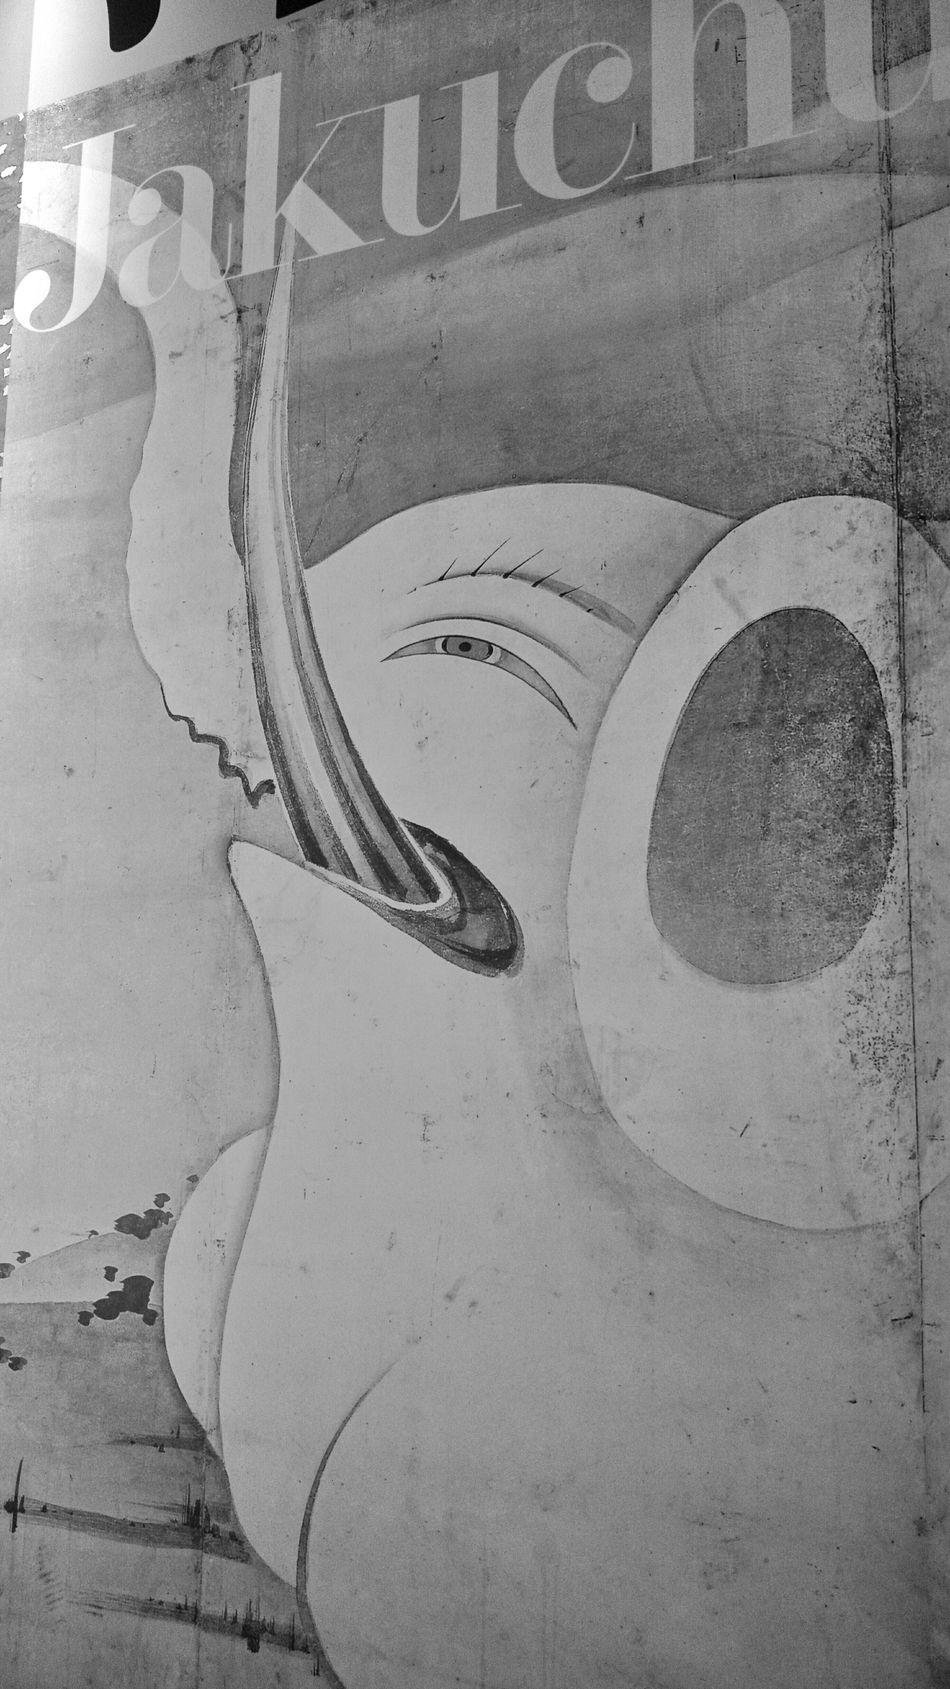 今日は若冲と蕪村とのコラボ展覧会観に行ってきました♪ 若冲 Jakuchu Japanese Art Painting Art Art Appreciation Enjoying Life Taking Photos Black And White Monochrome